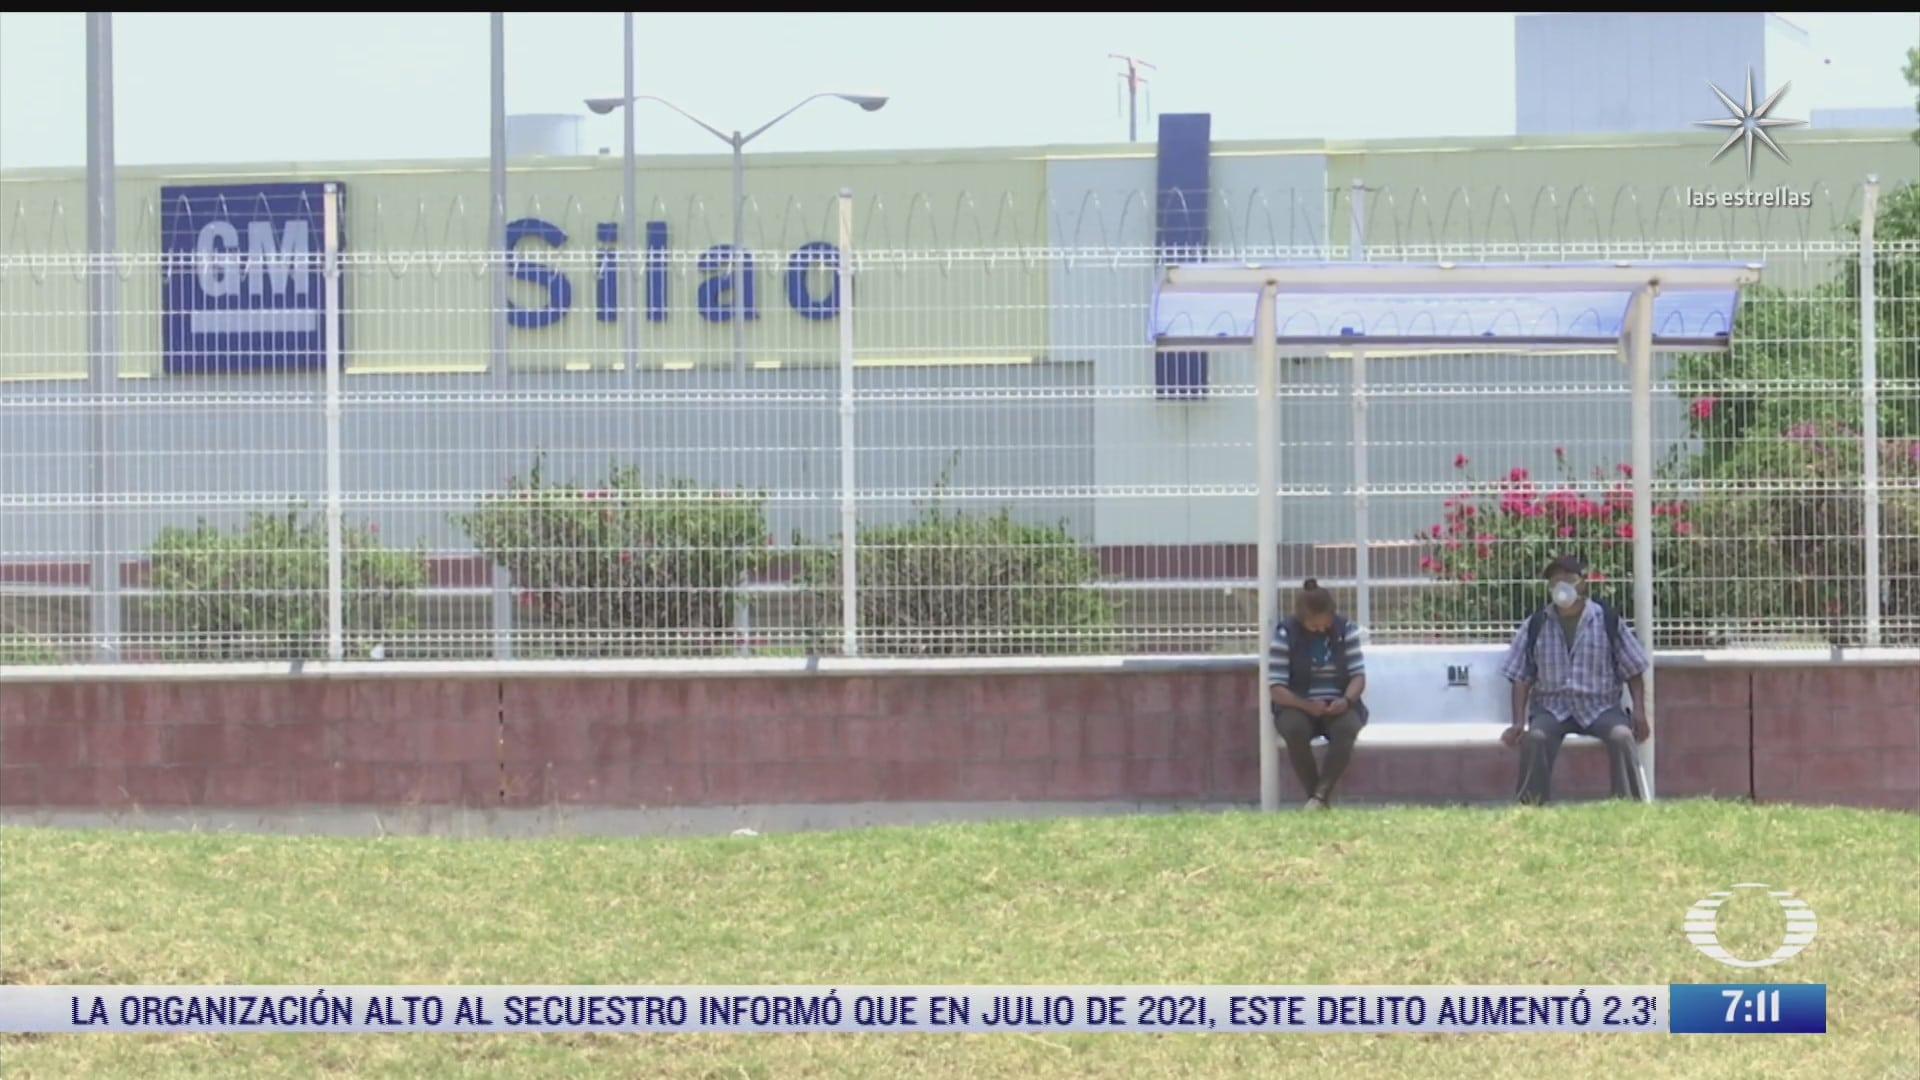 planta automotriz en mexico repondra eleccion sindical tras queja de eeuu en el marco de t mec